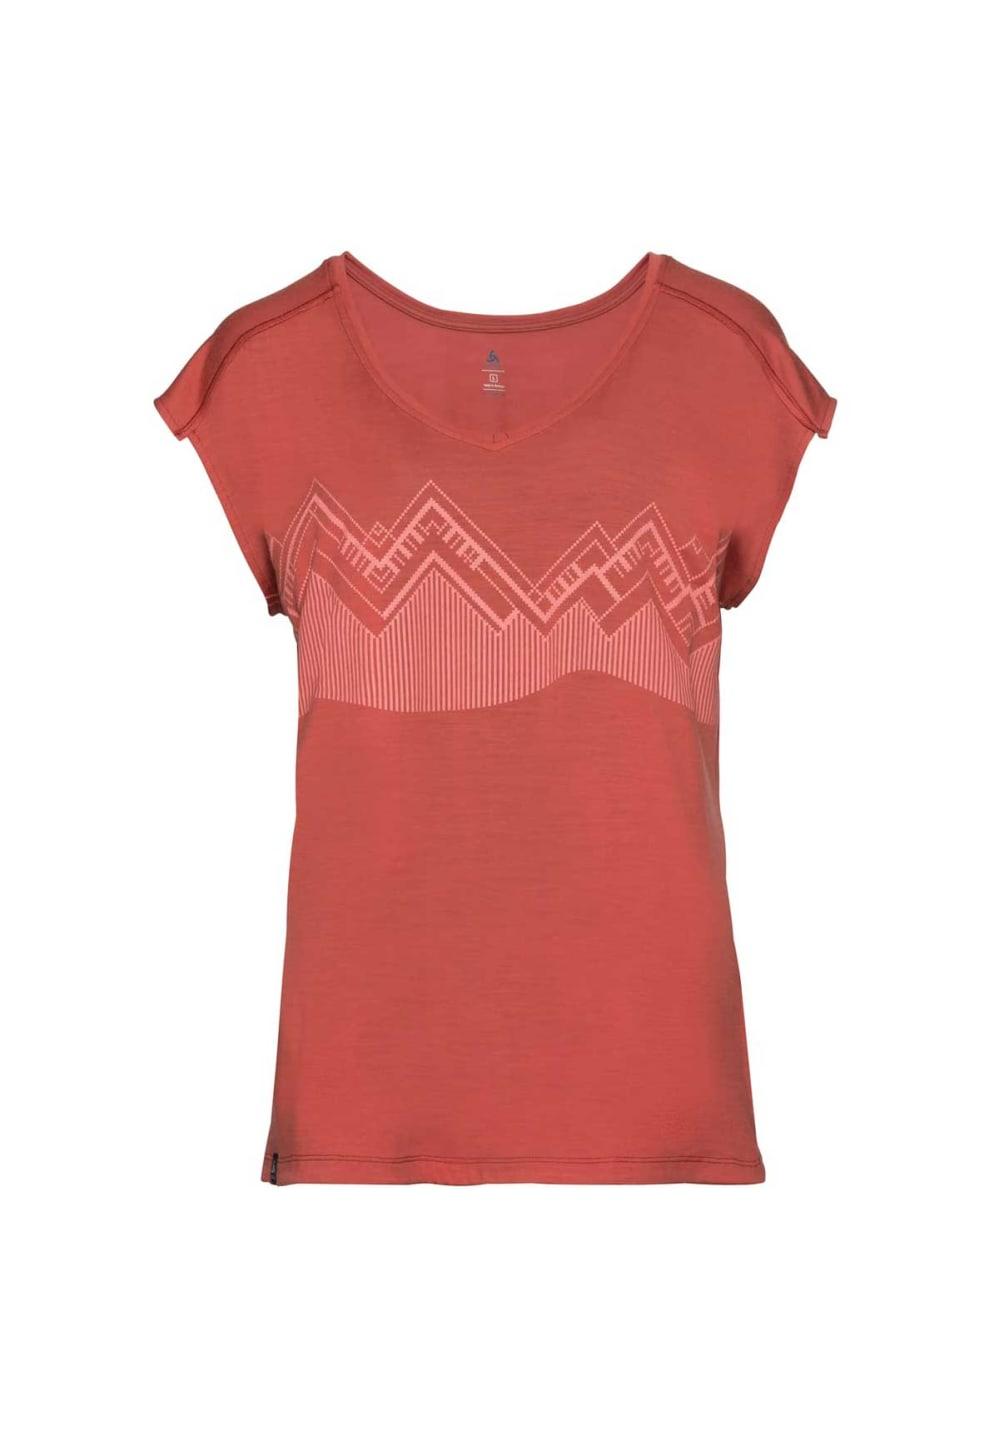 Sportmode für Frauen - Odlo Top Crew Neck Short Sleeve Alliance Laufshirts für Damen Rot  - Onlineshop 21Run